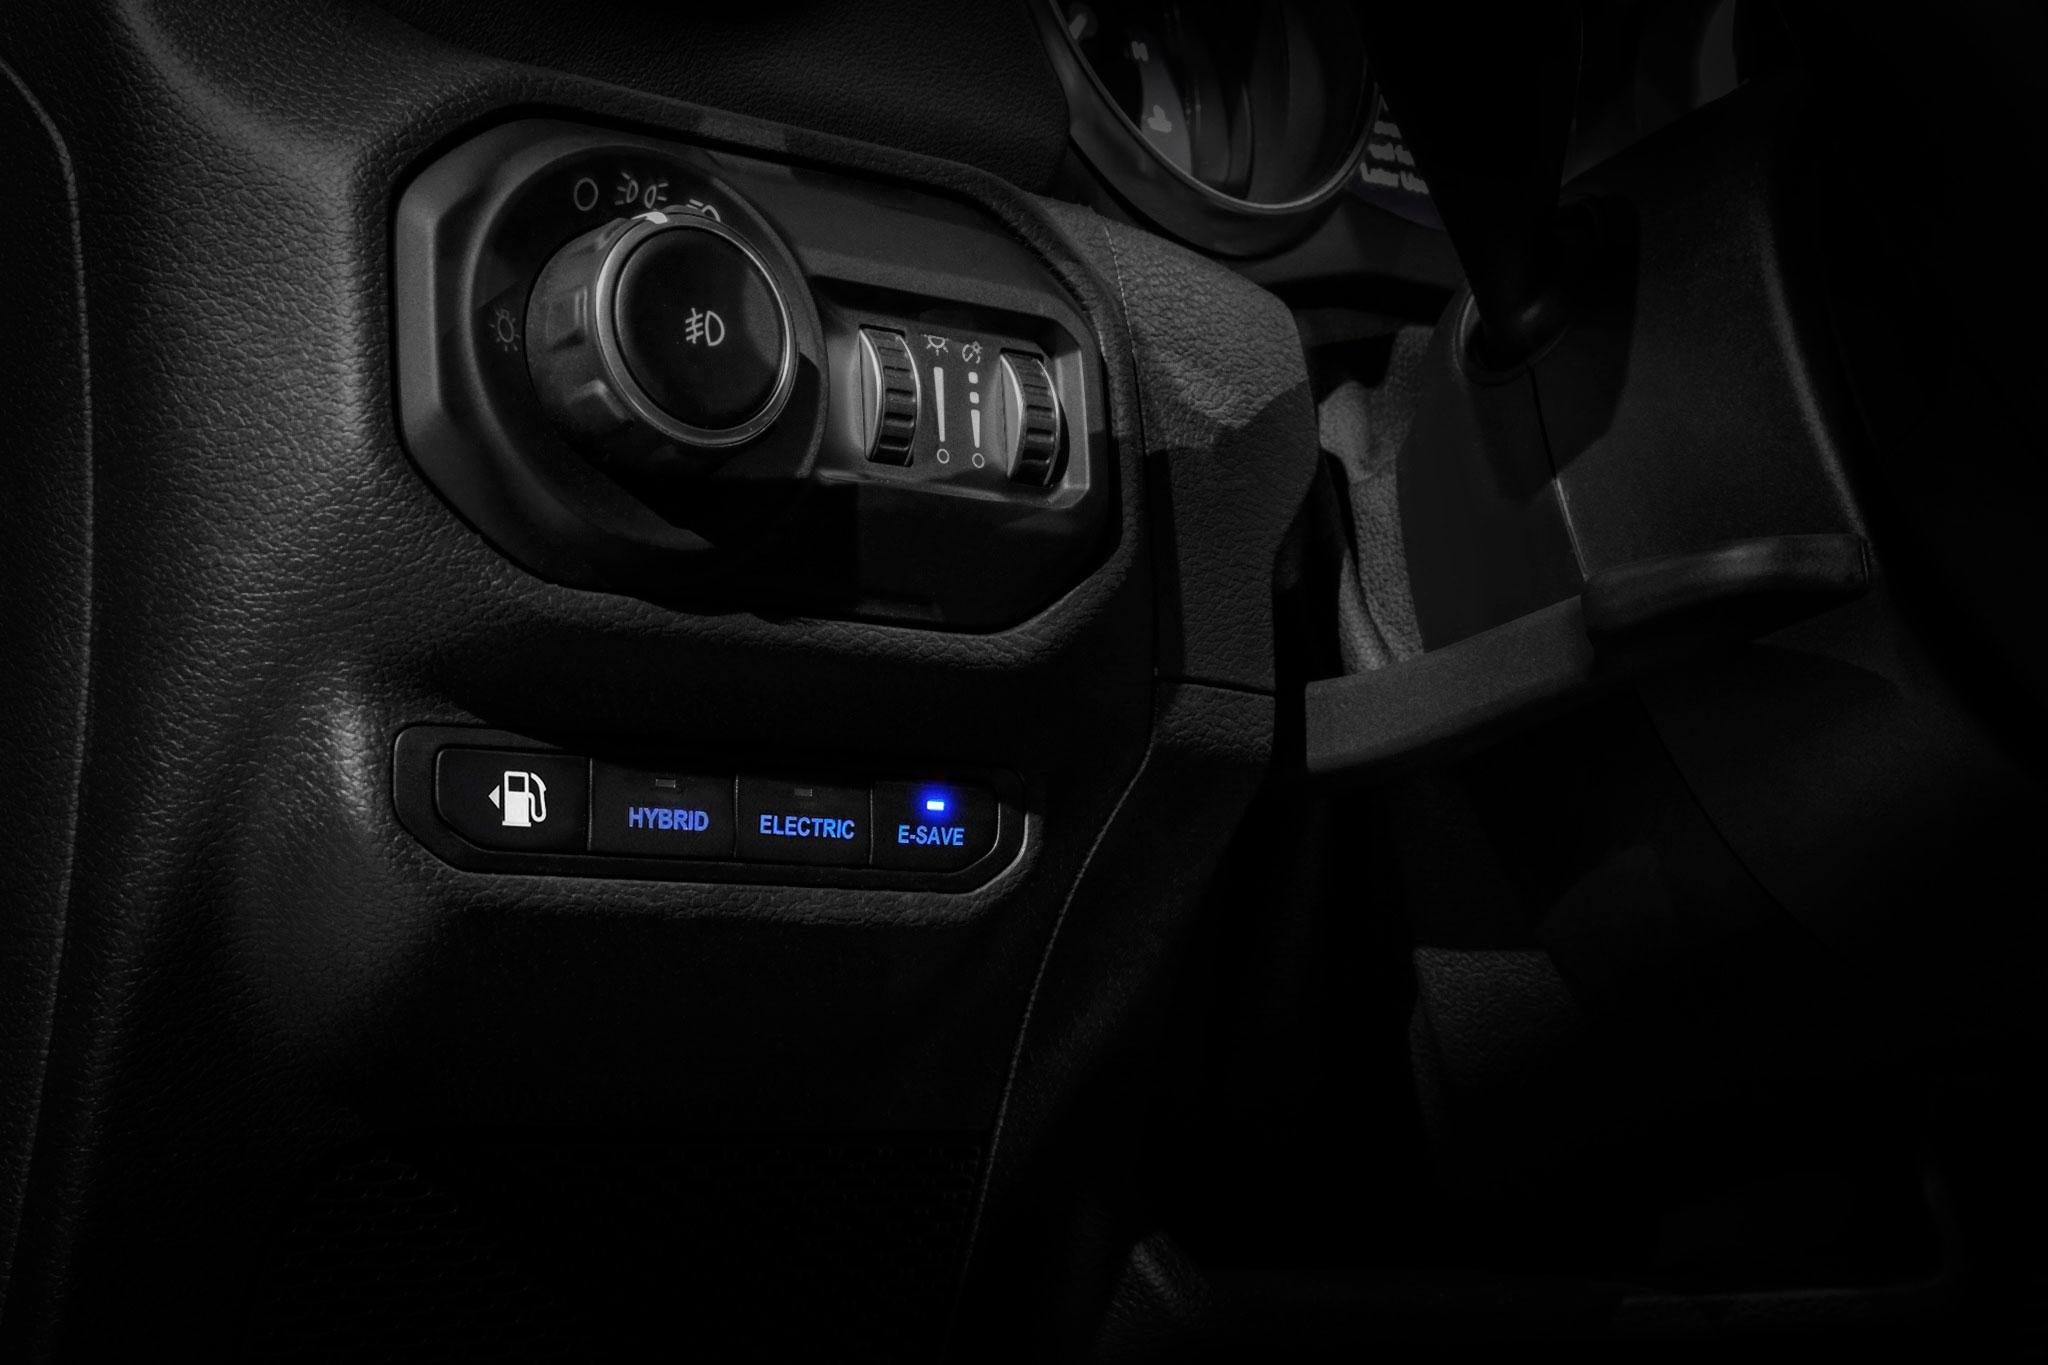 2021 Jeep Wrangler 4xe position eSave privilégie le mode thermique et économise le mode électrique